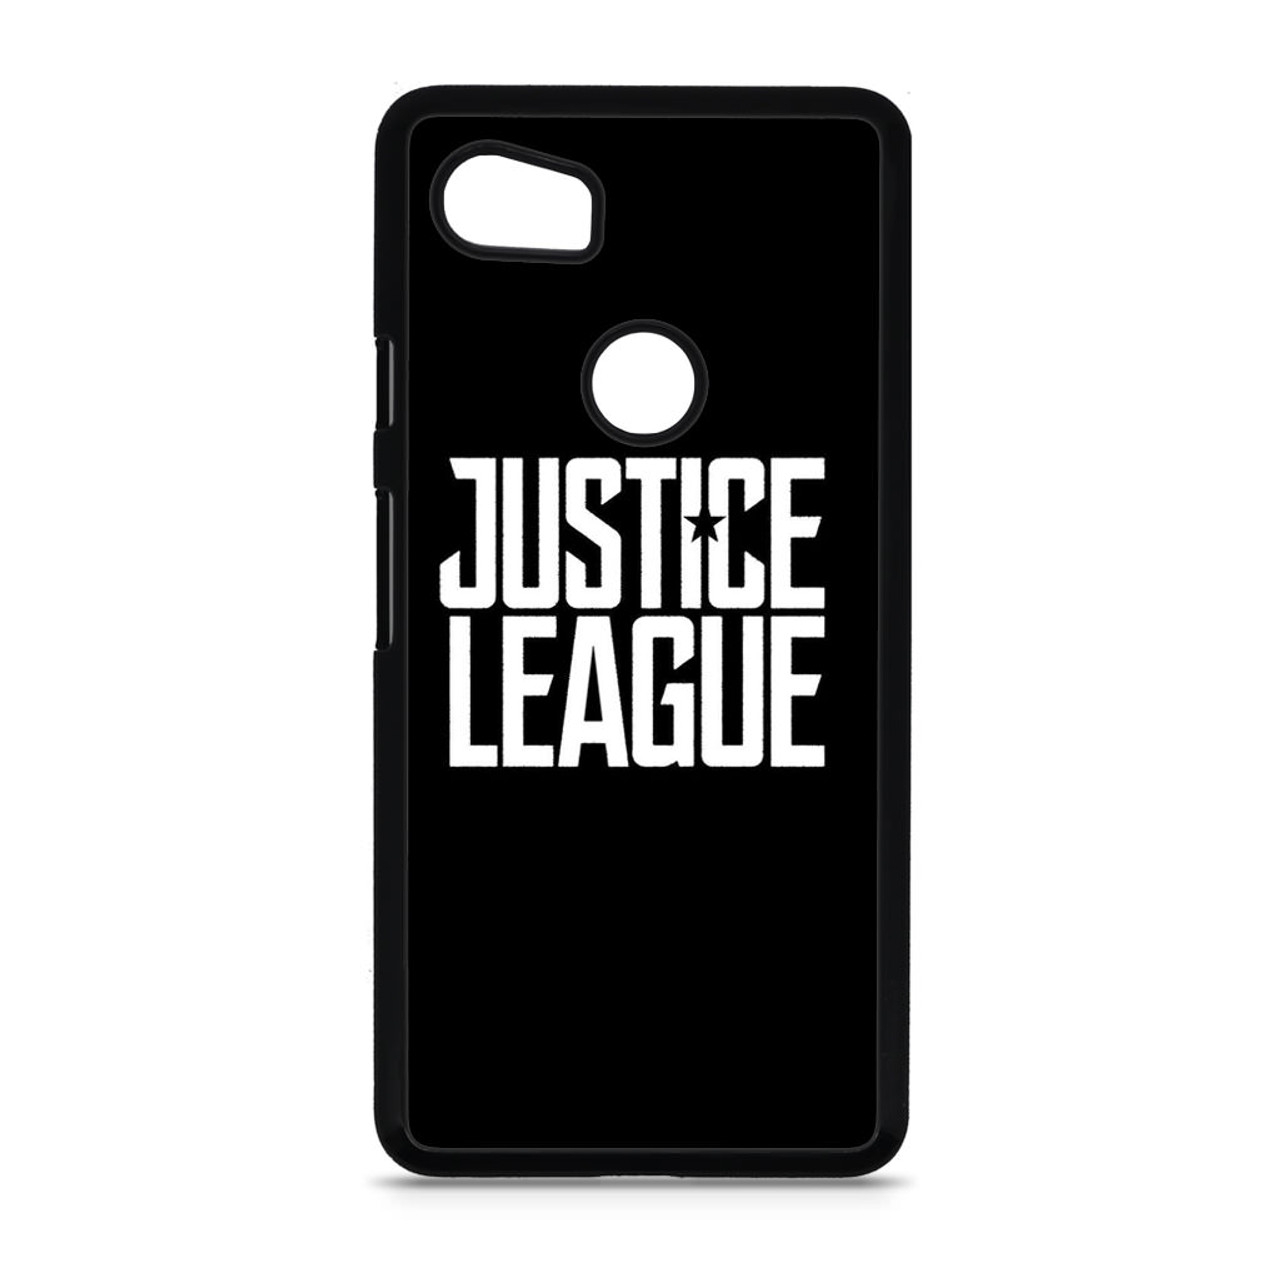 buy online 98622 c1e3c Justice League Original Logo Google Pixel 2 XL Case